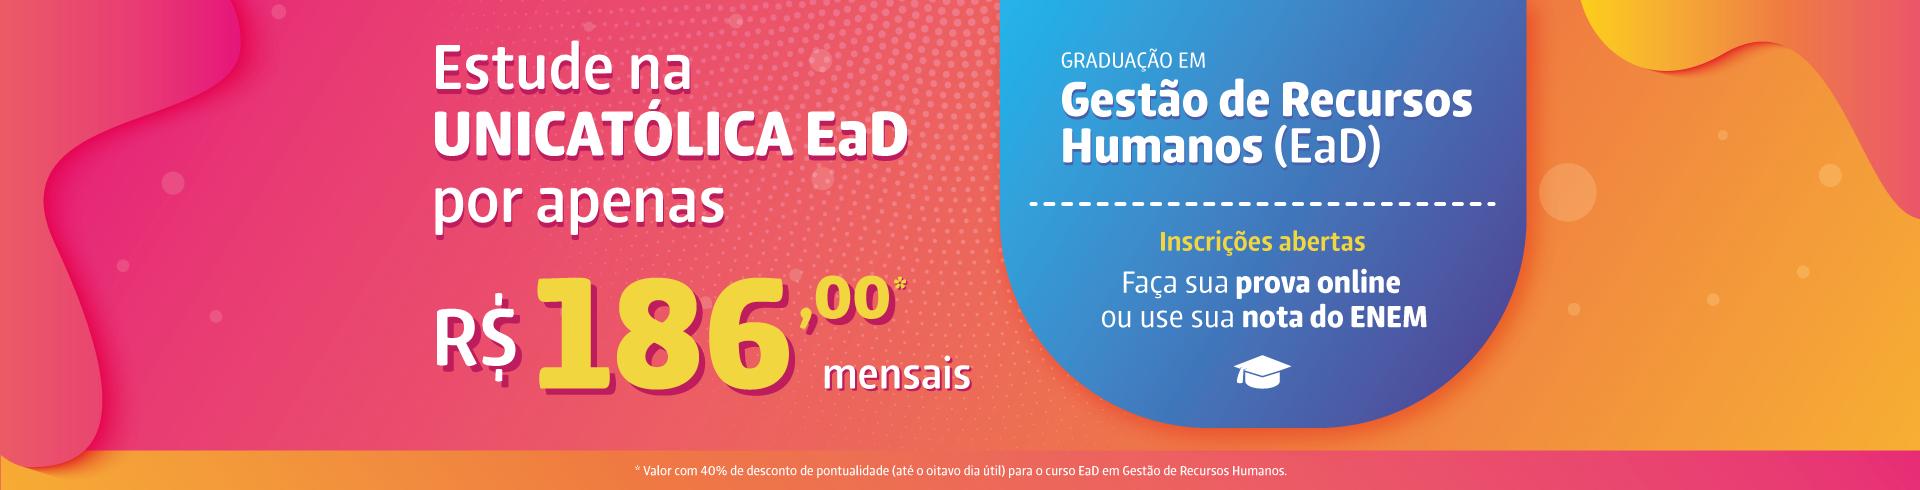 Conheça o curso de Gestão de Recursos Humanos da UNICATÓLICA EaD